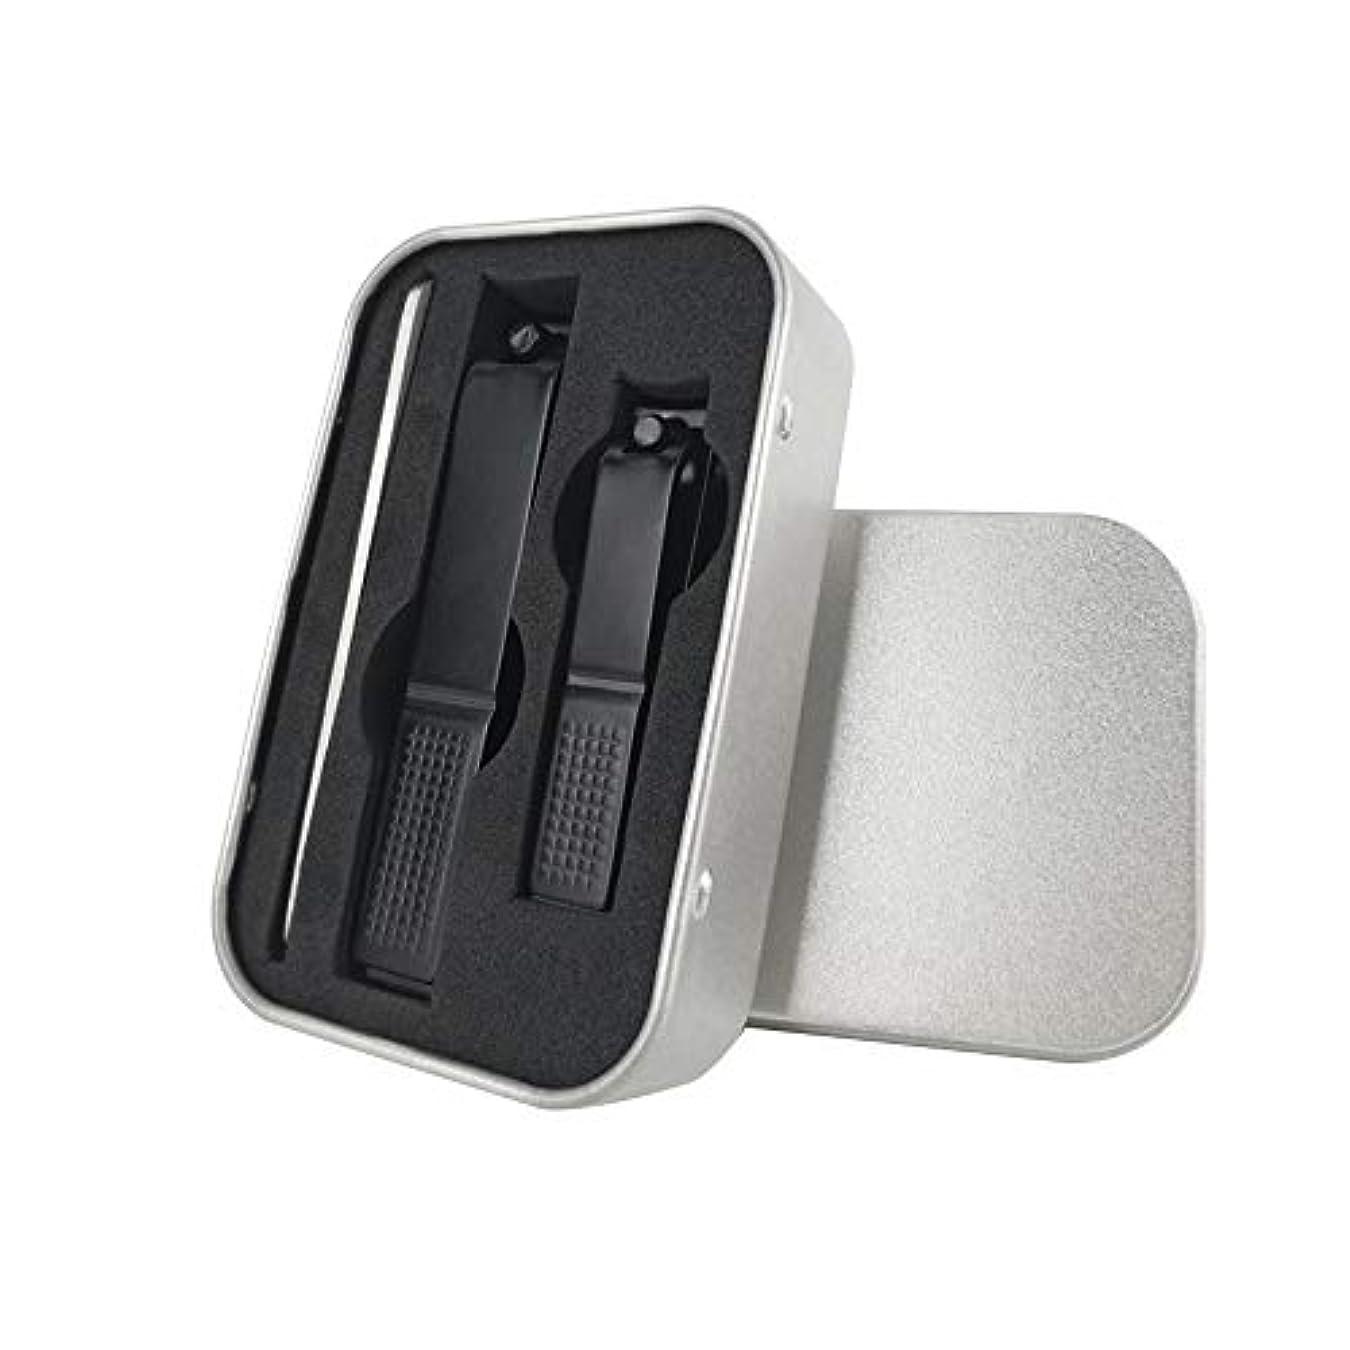 ポータル検閲デクリメントRECOO 爪切り 爪やすり 携帯用3本セット つめきり ネイルケア 高級はがね 握りやすい爪切り 専用収納ケース入り 曲線刃 (大/小爪切り)